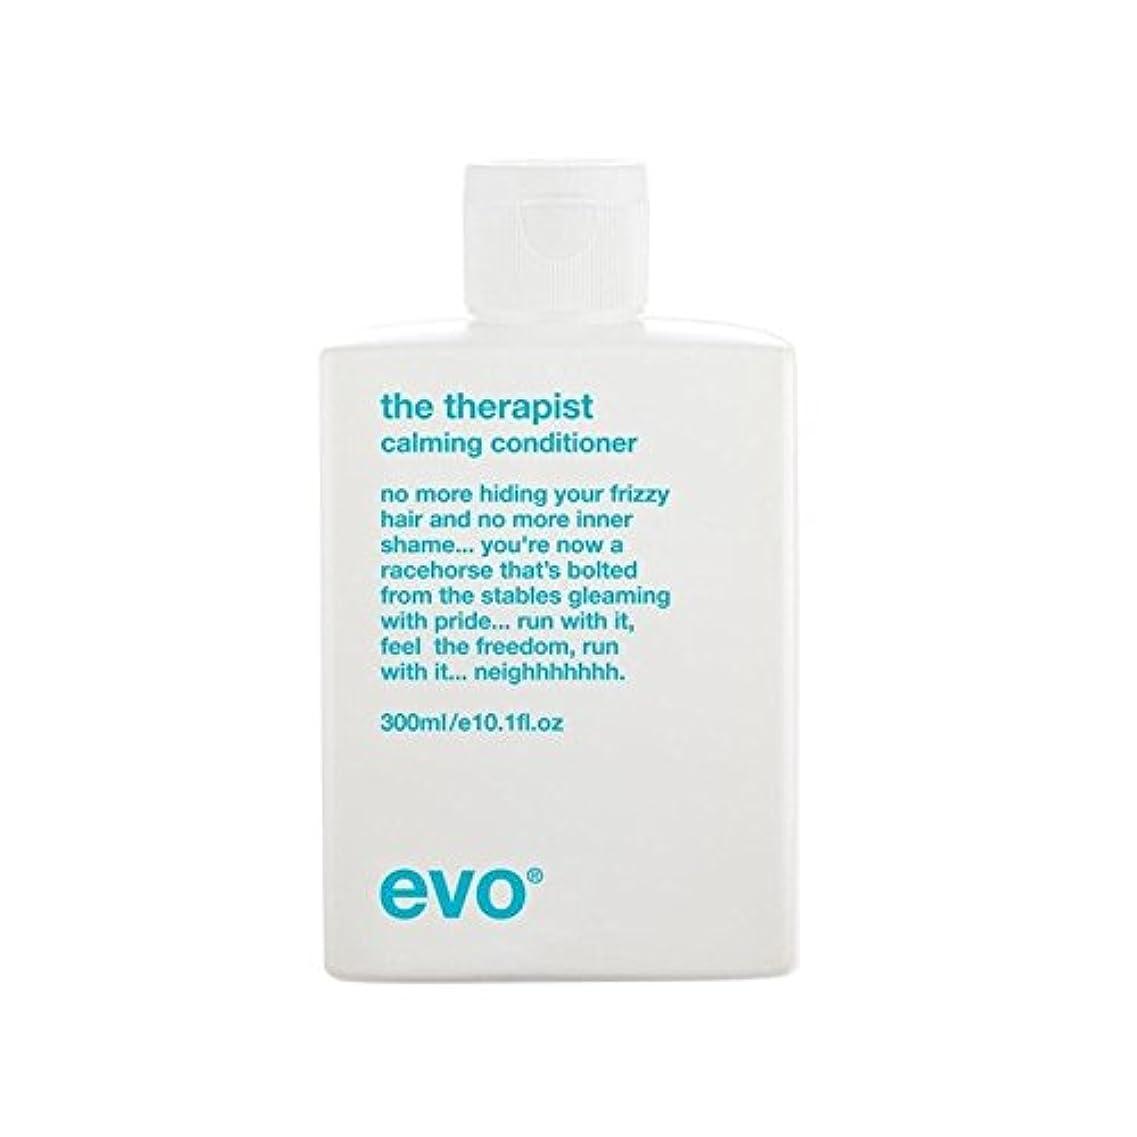 終わり国家ブレークセラピスト沈静コンディショナー(300ミリリットル) x4 - Evo The Therapist Calming Conditioner (300ml) (Pack of 4) [並行輸入品]